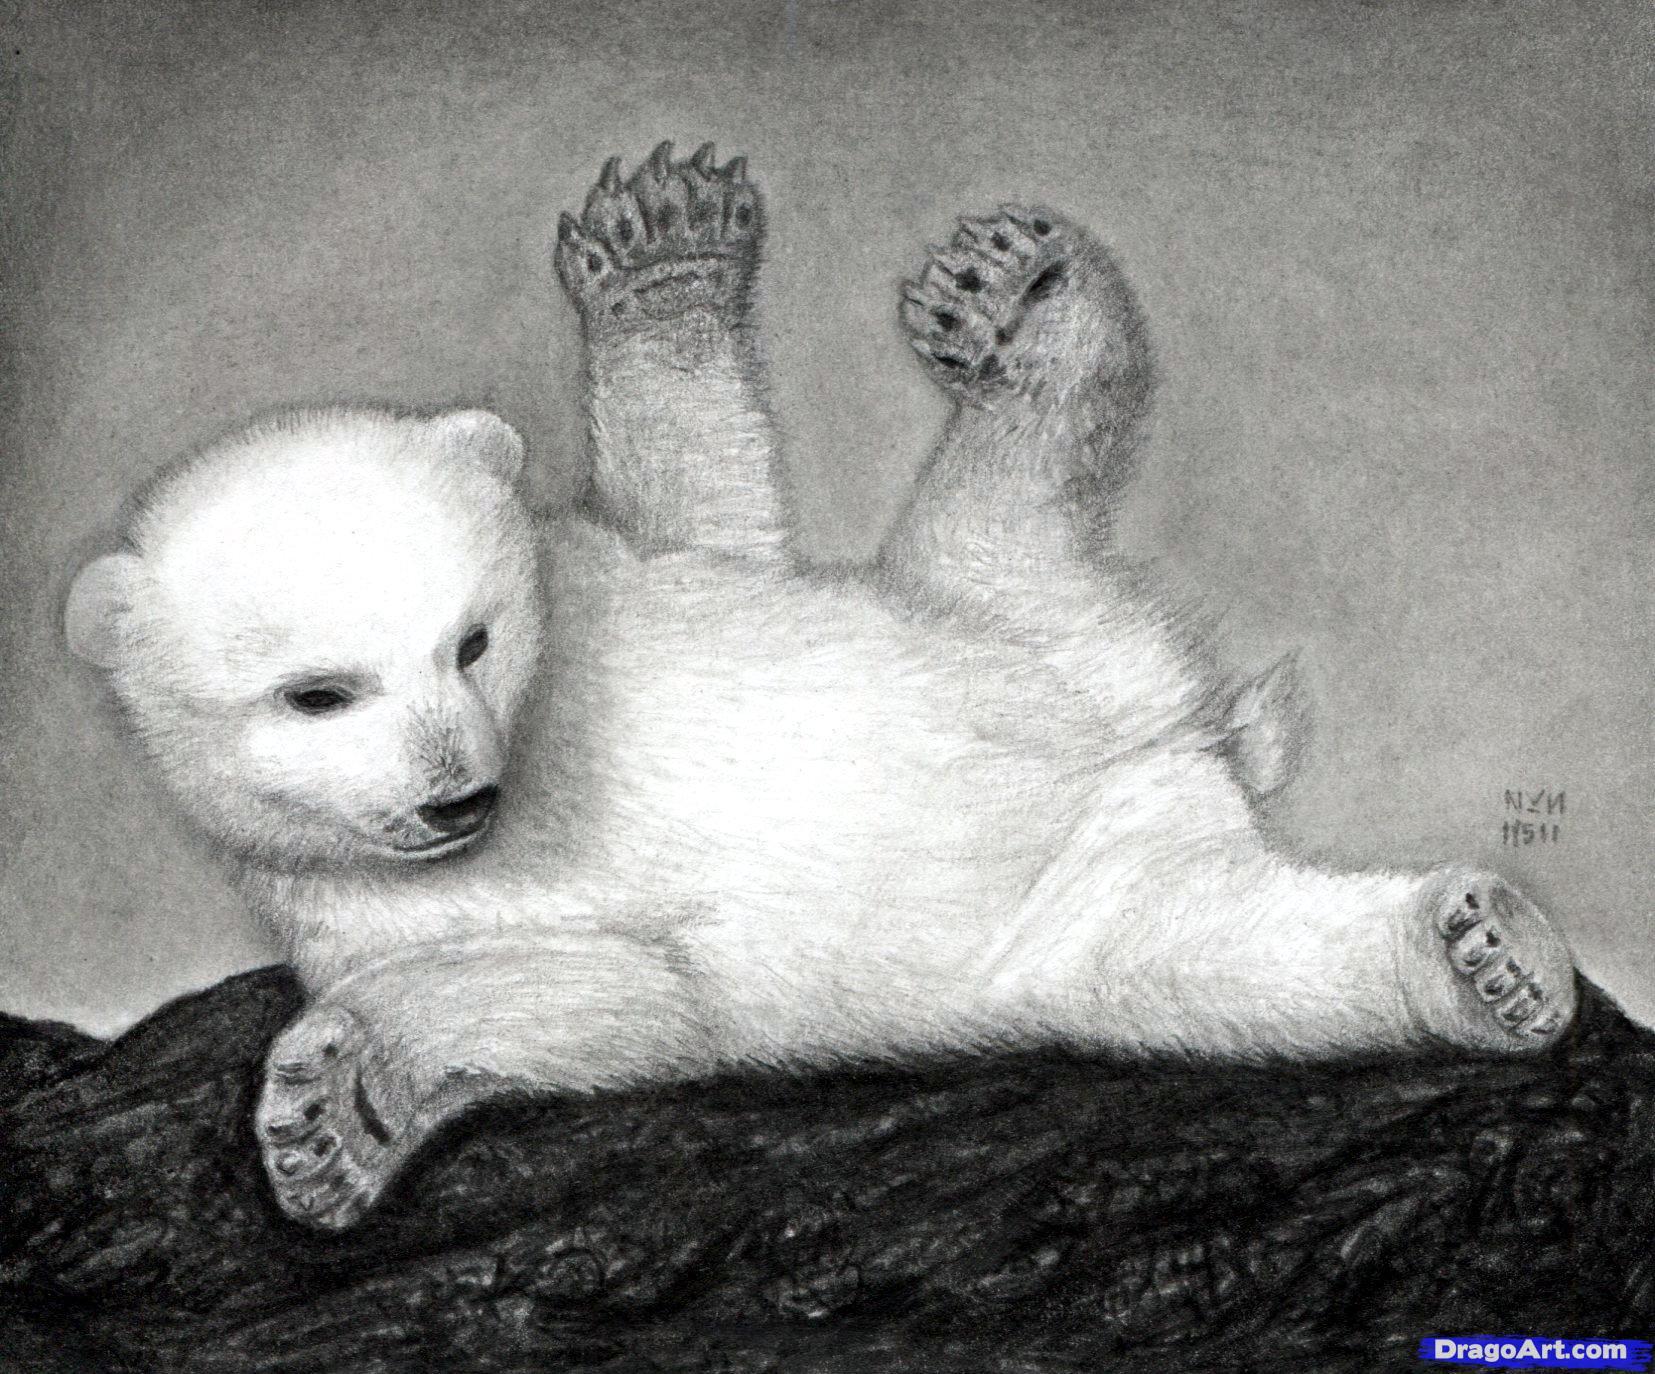 Drawn polar  bear dragoart A Draw Polar Bear Step